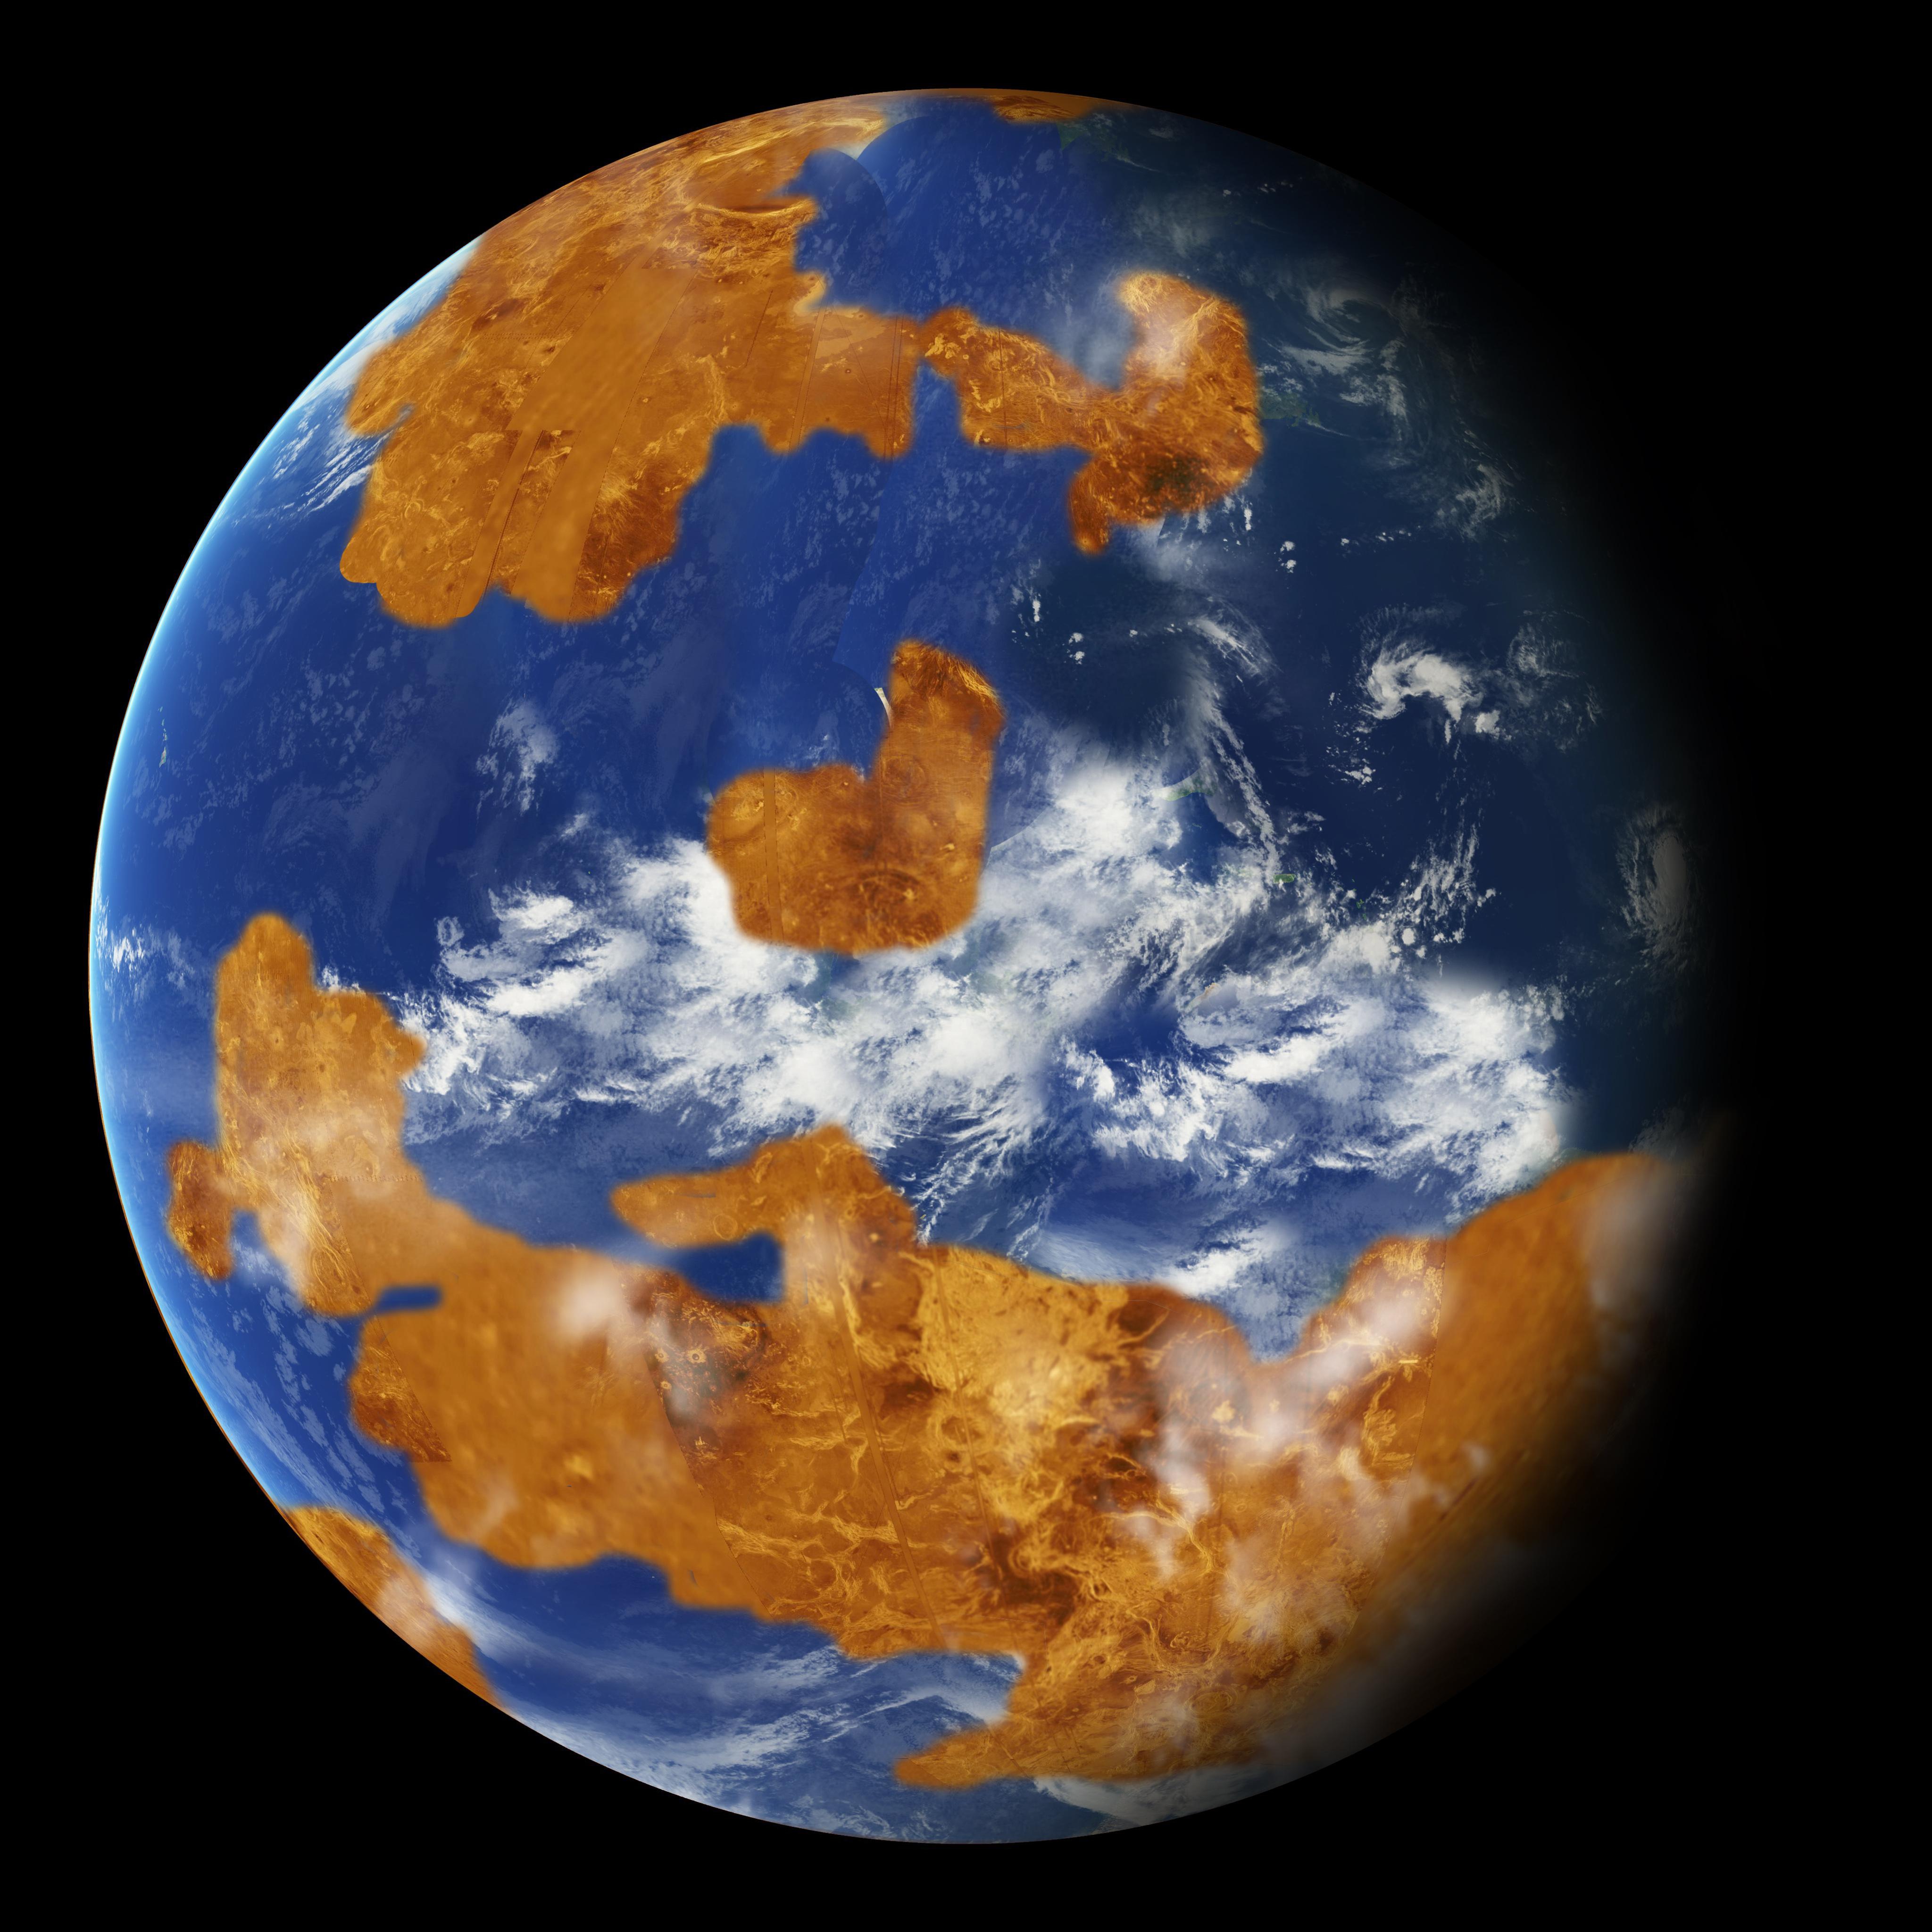 Venus May Once Have Been Habitable | NASA